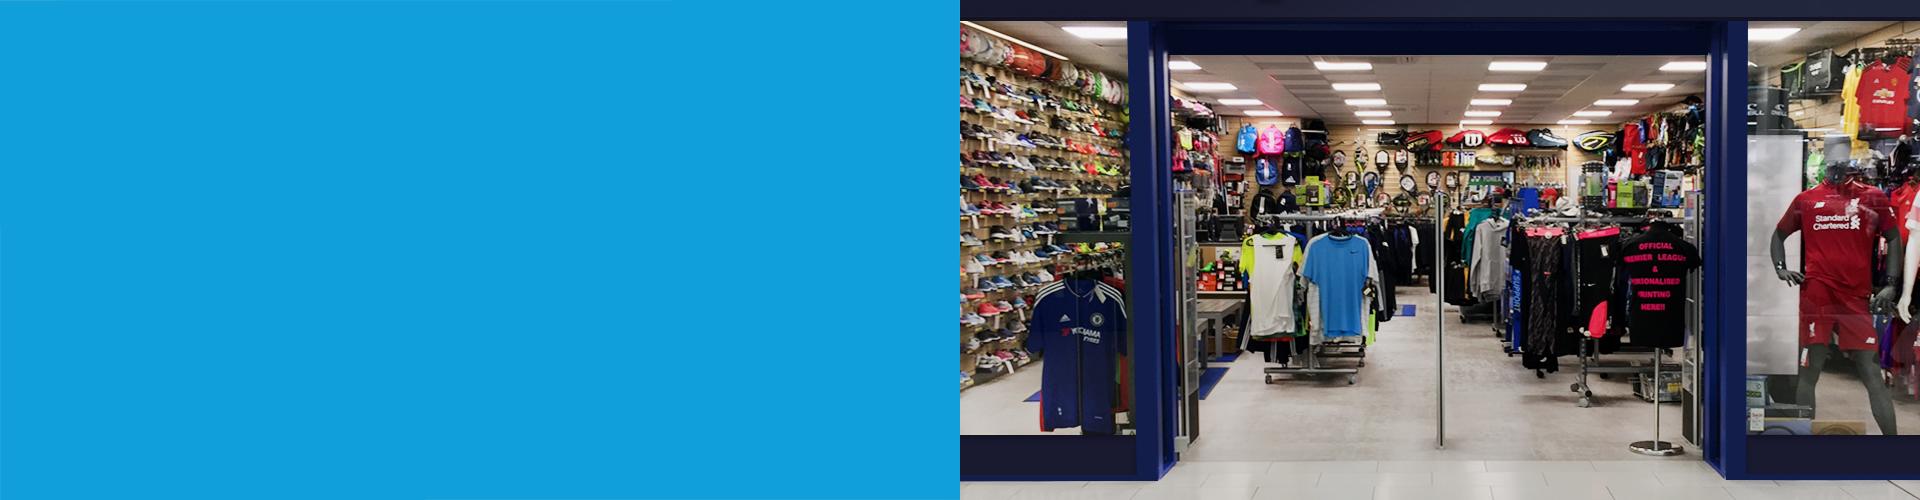 SportCrest shop image